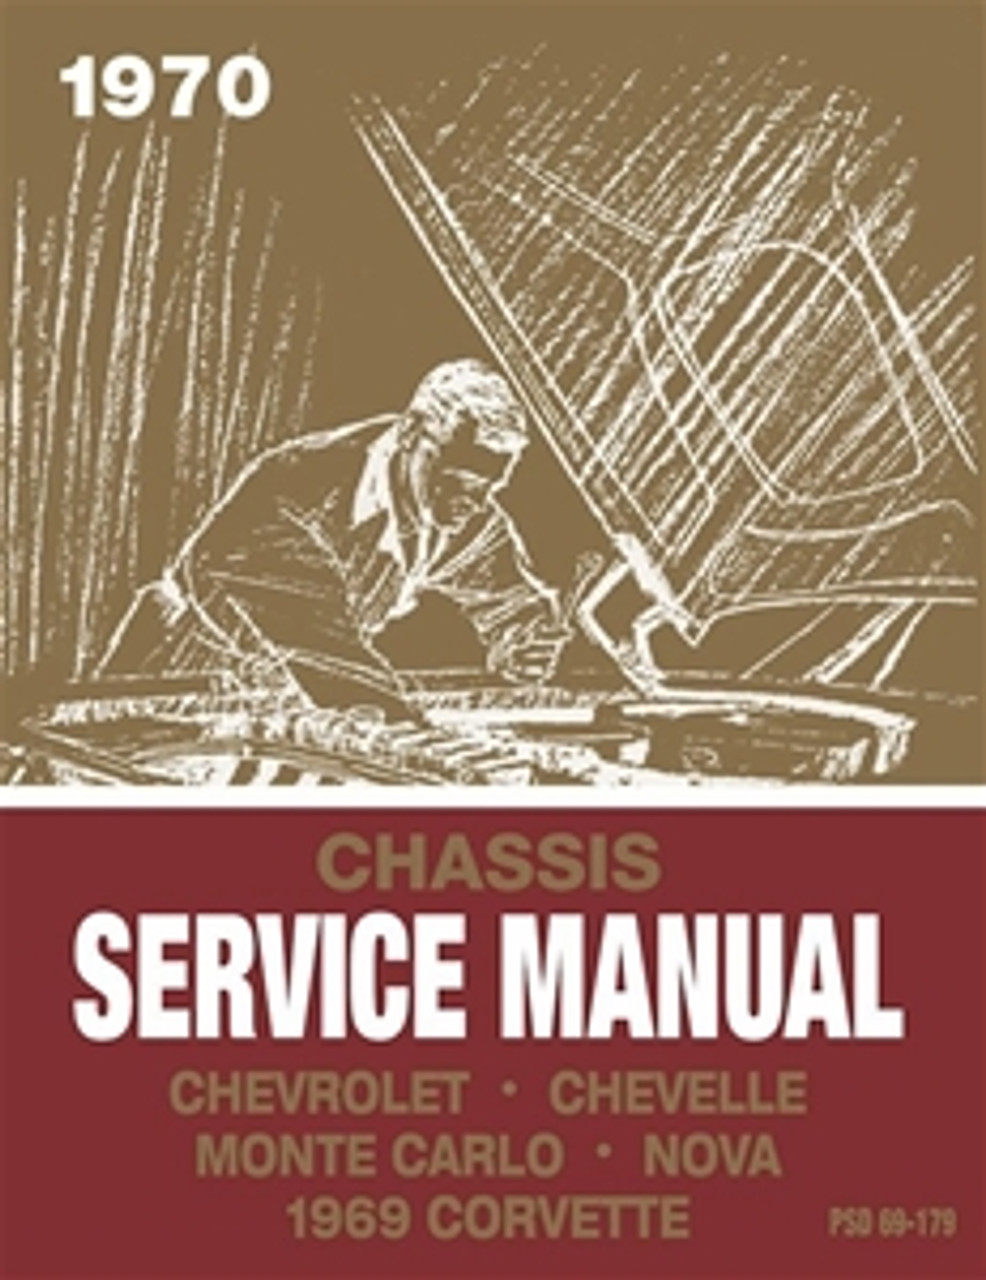 1970 Full Size Chevy, Chevelle, Monte Carlo, Nova, 1969 Corvette Chassis Service Manual